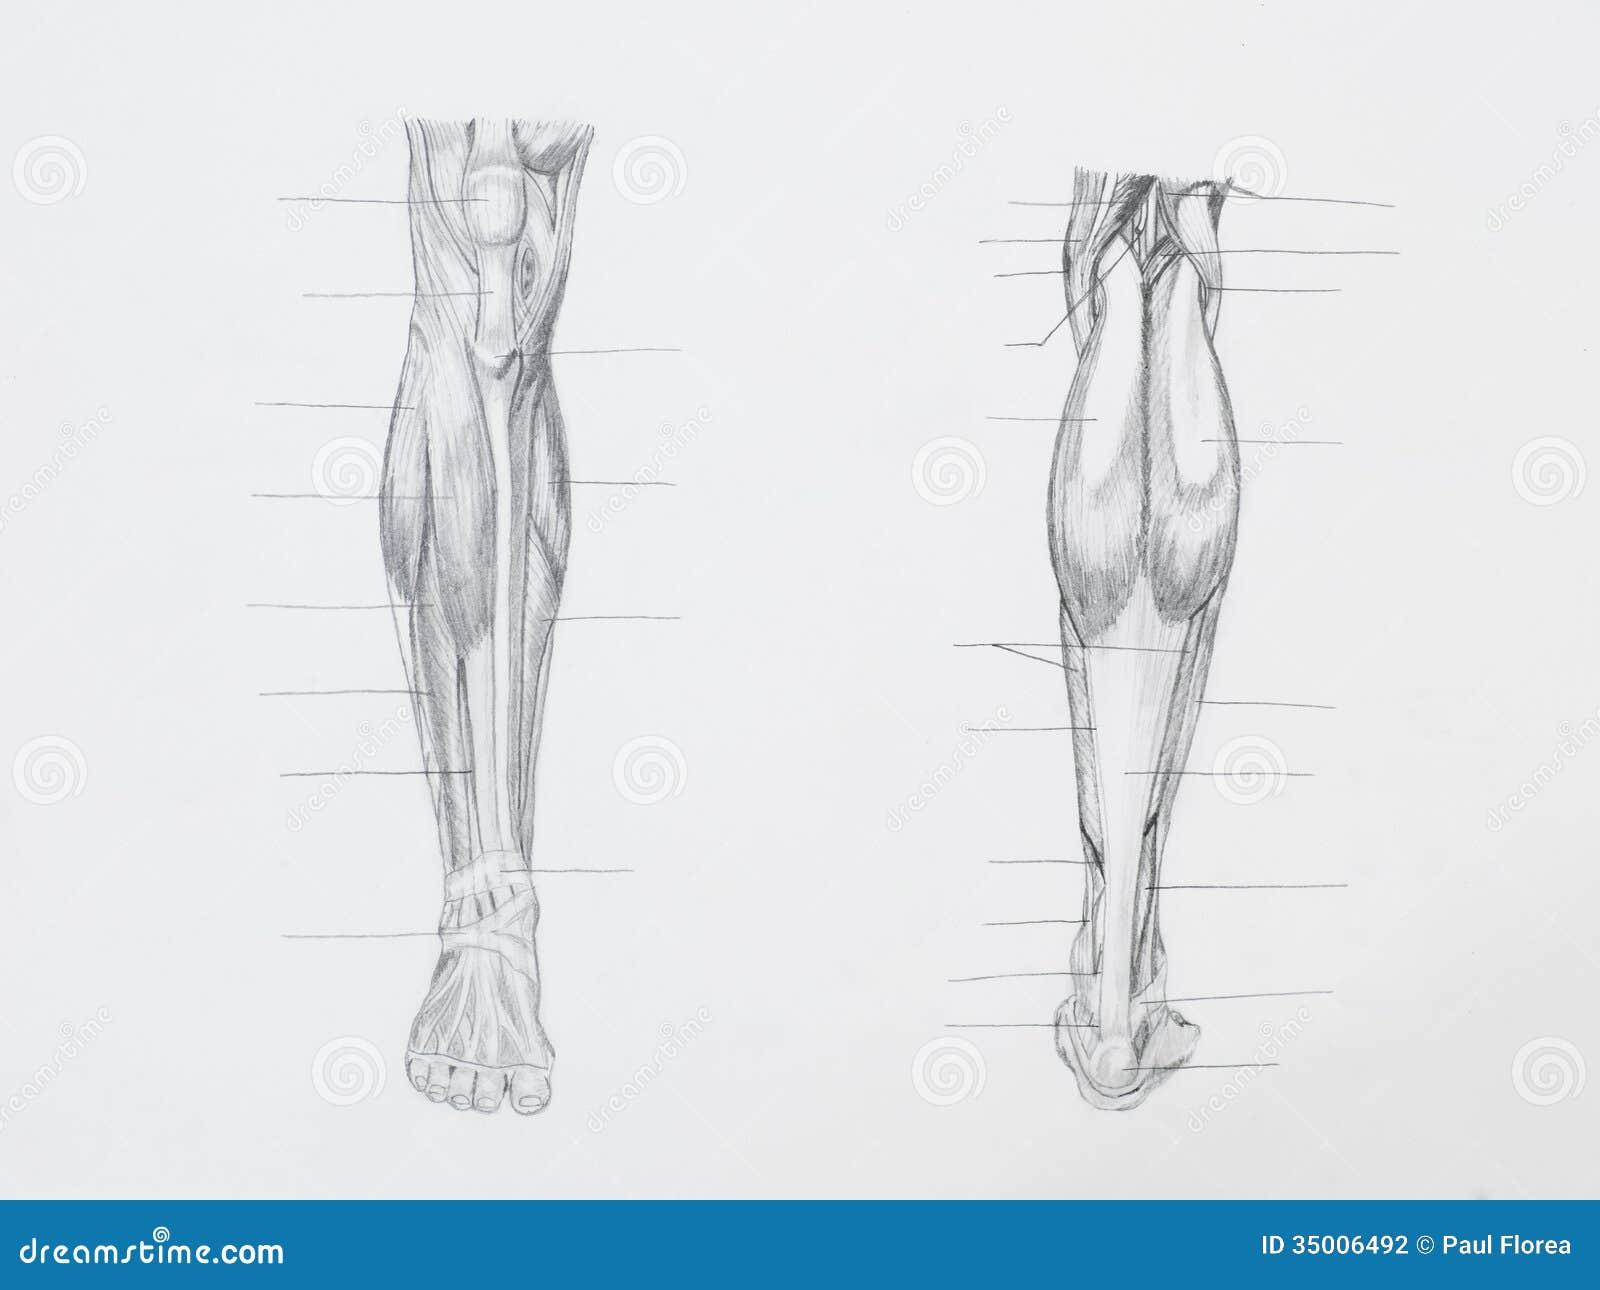 Wunderbar Anatomie Der Muskeln Im Bein Bilder - Menschliche Anatomie ...